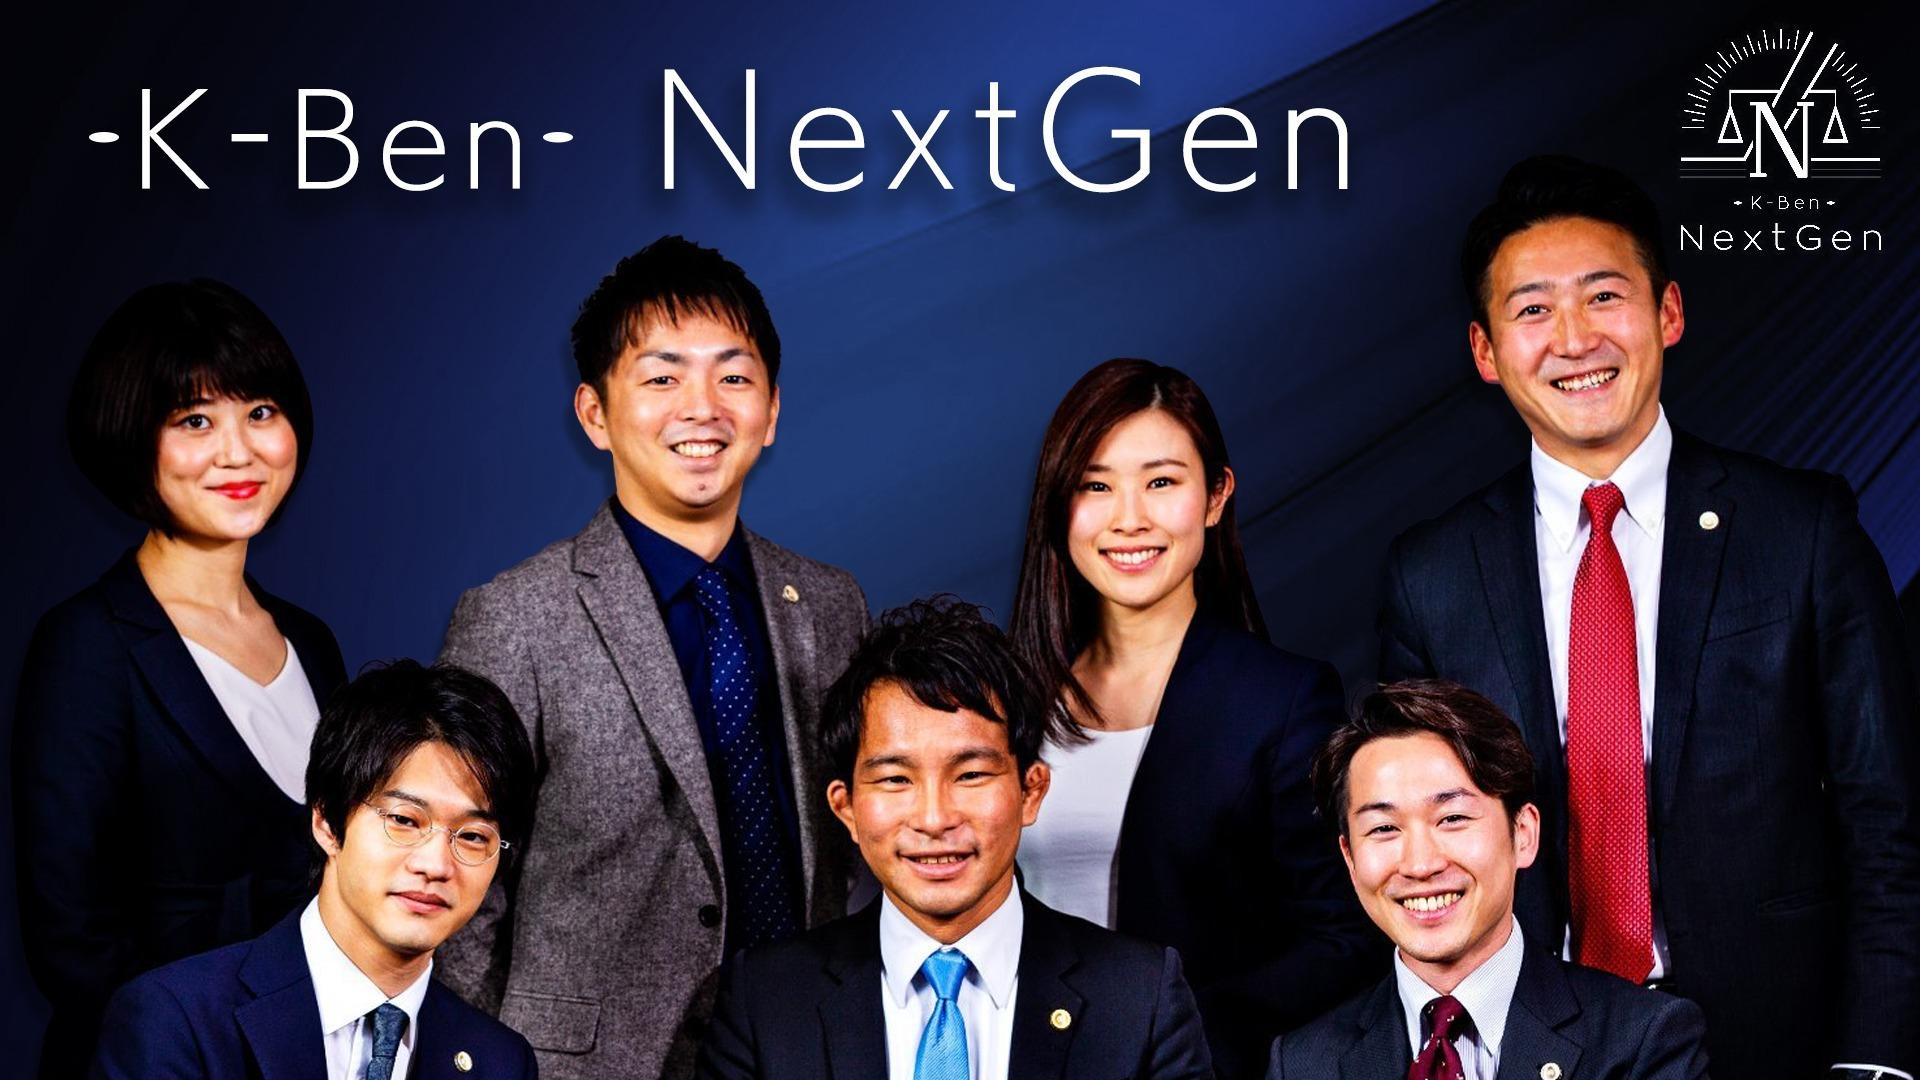 K-Ben NextGen